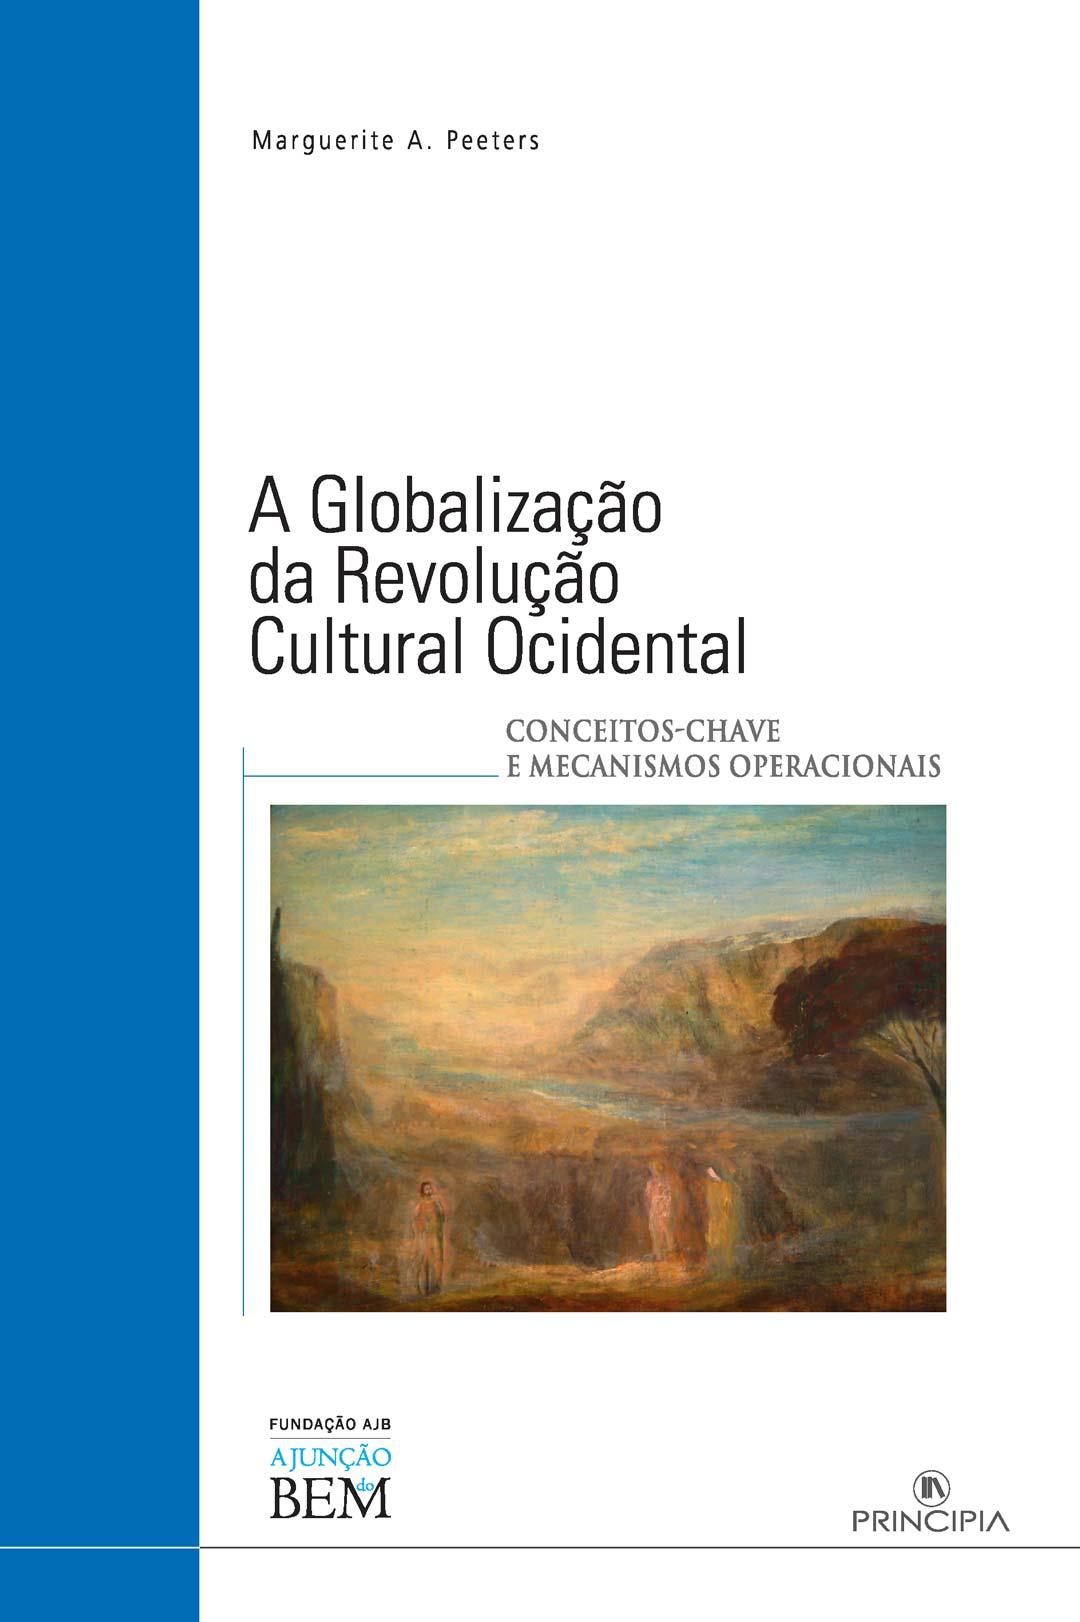 A Globalização da Revolução Cultural no Ocidente